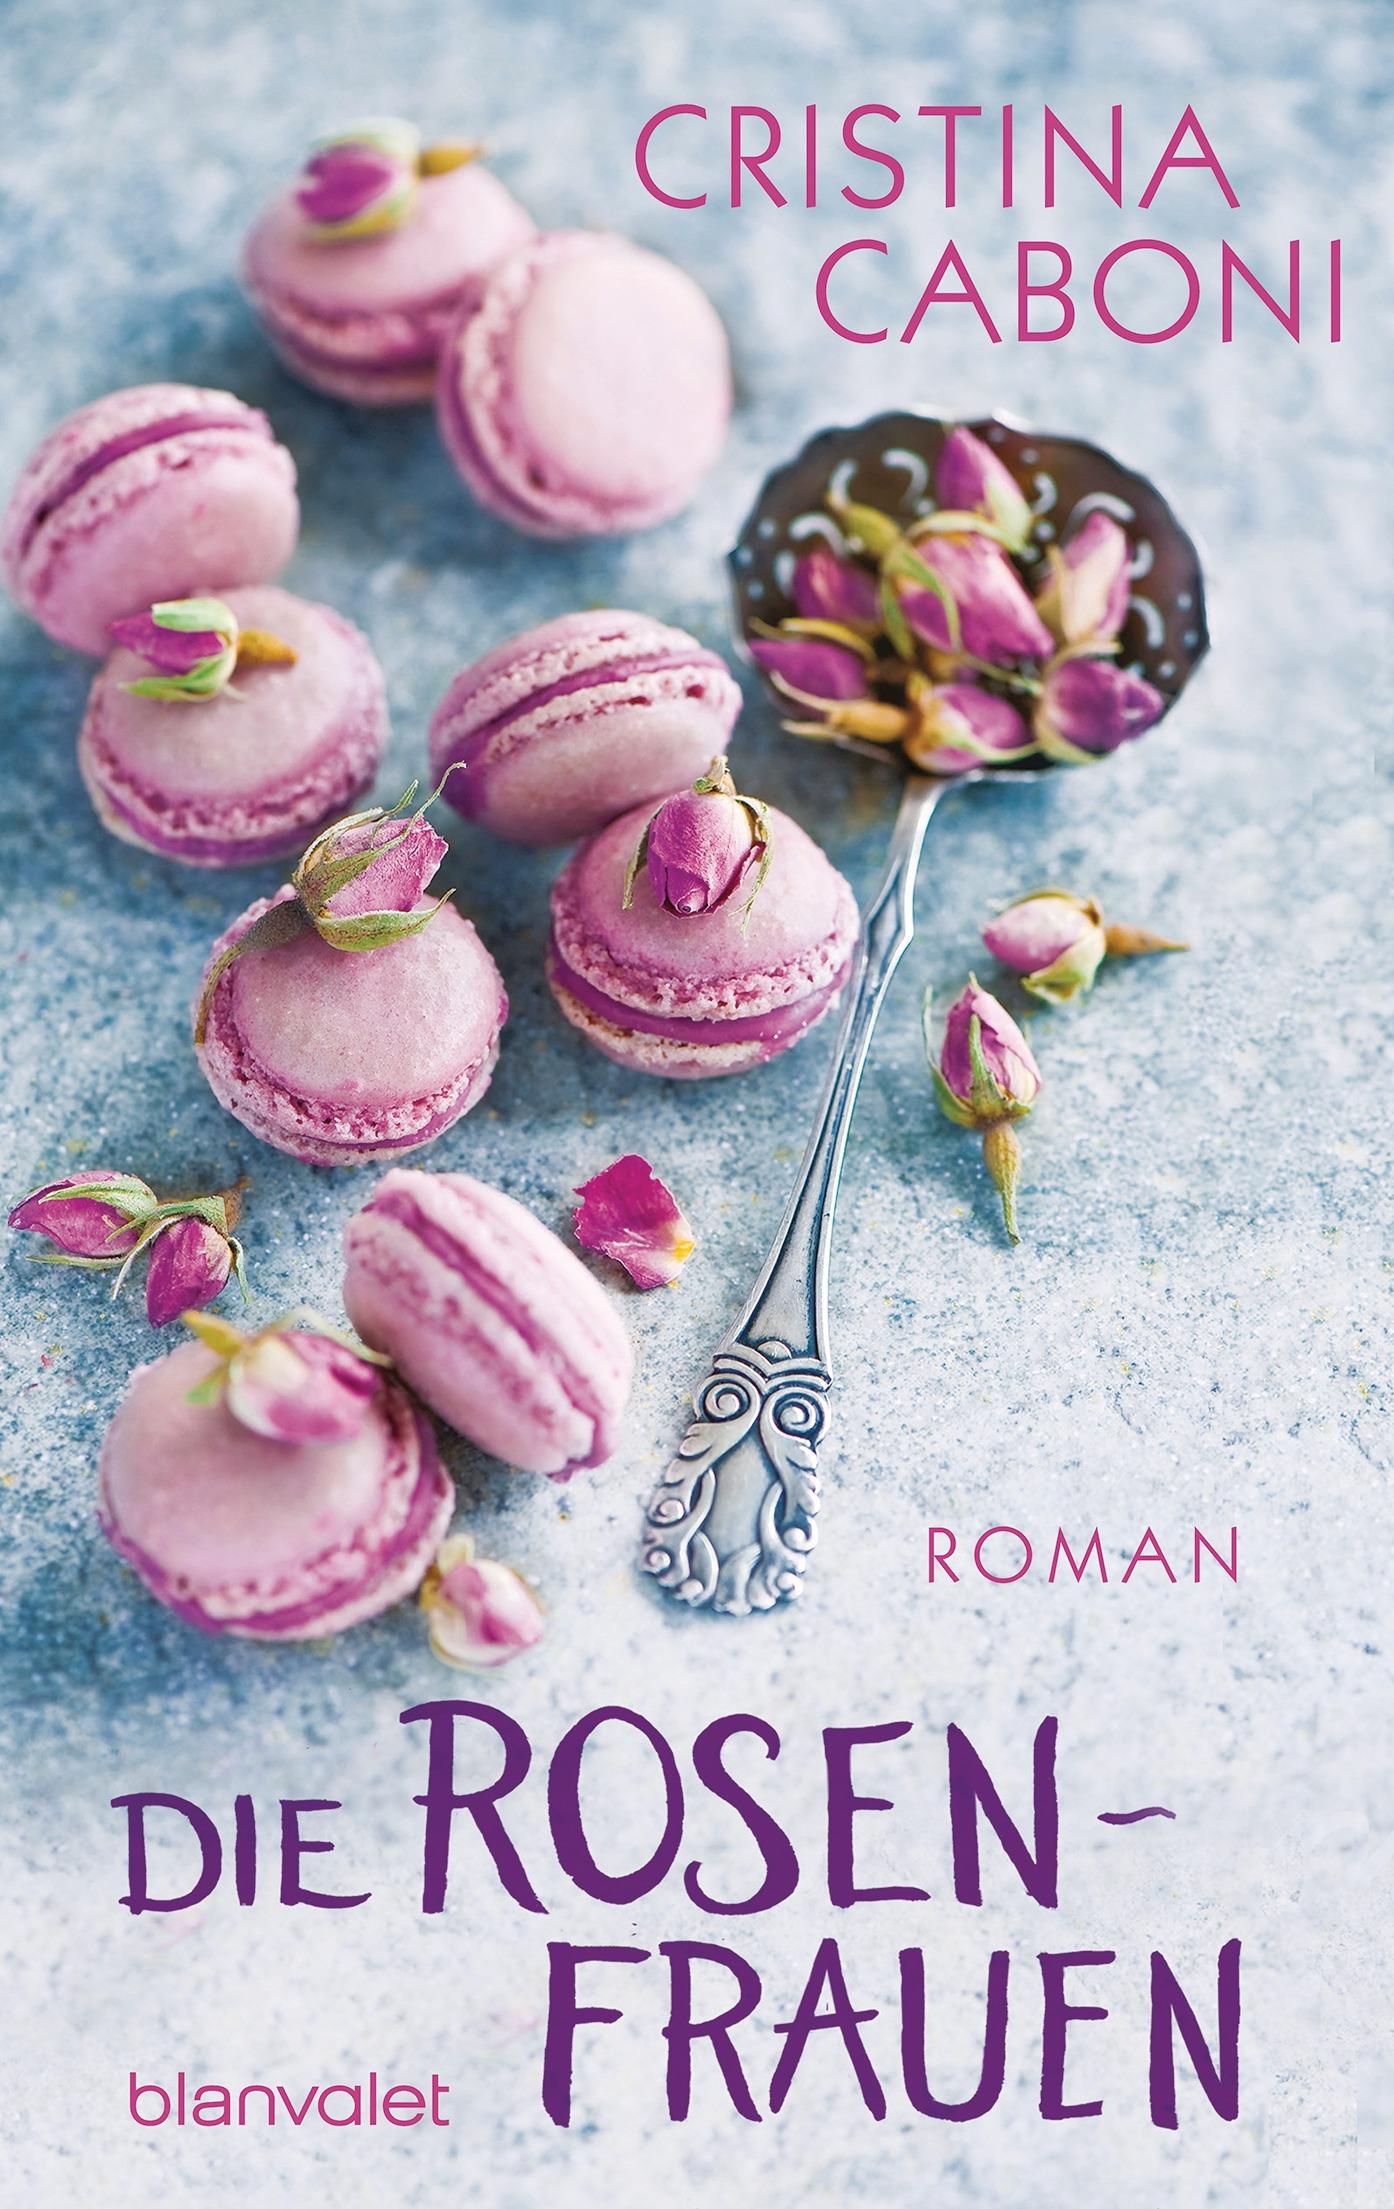 Die Rosenfrauen - Cristina Caboni